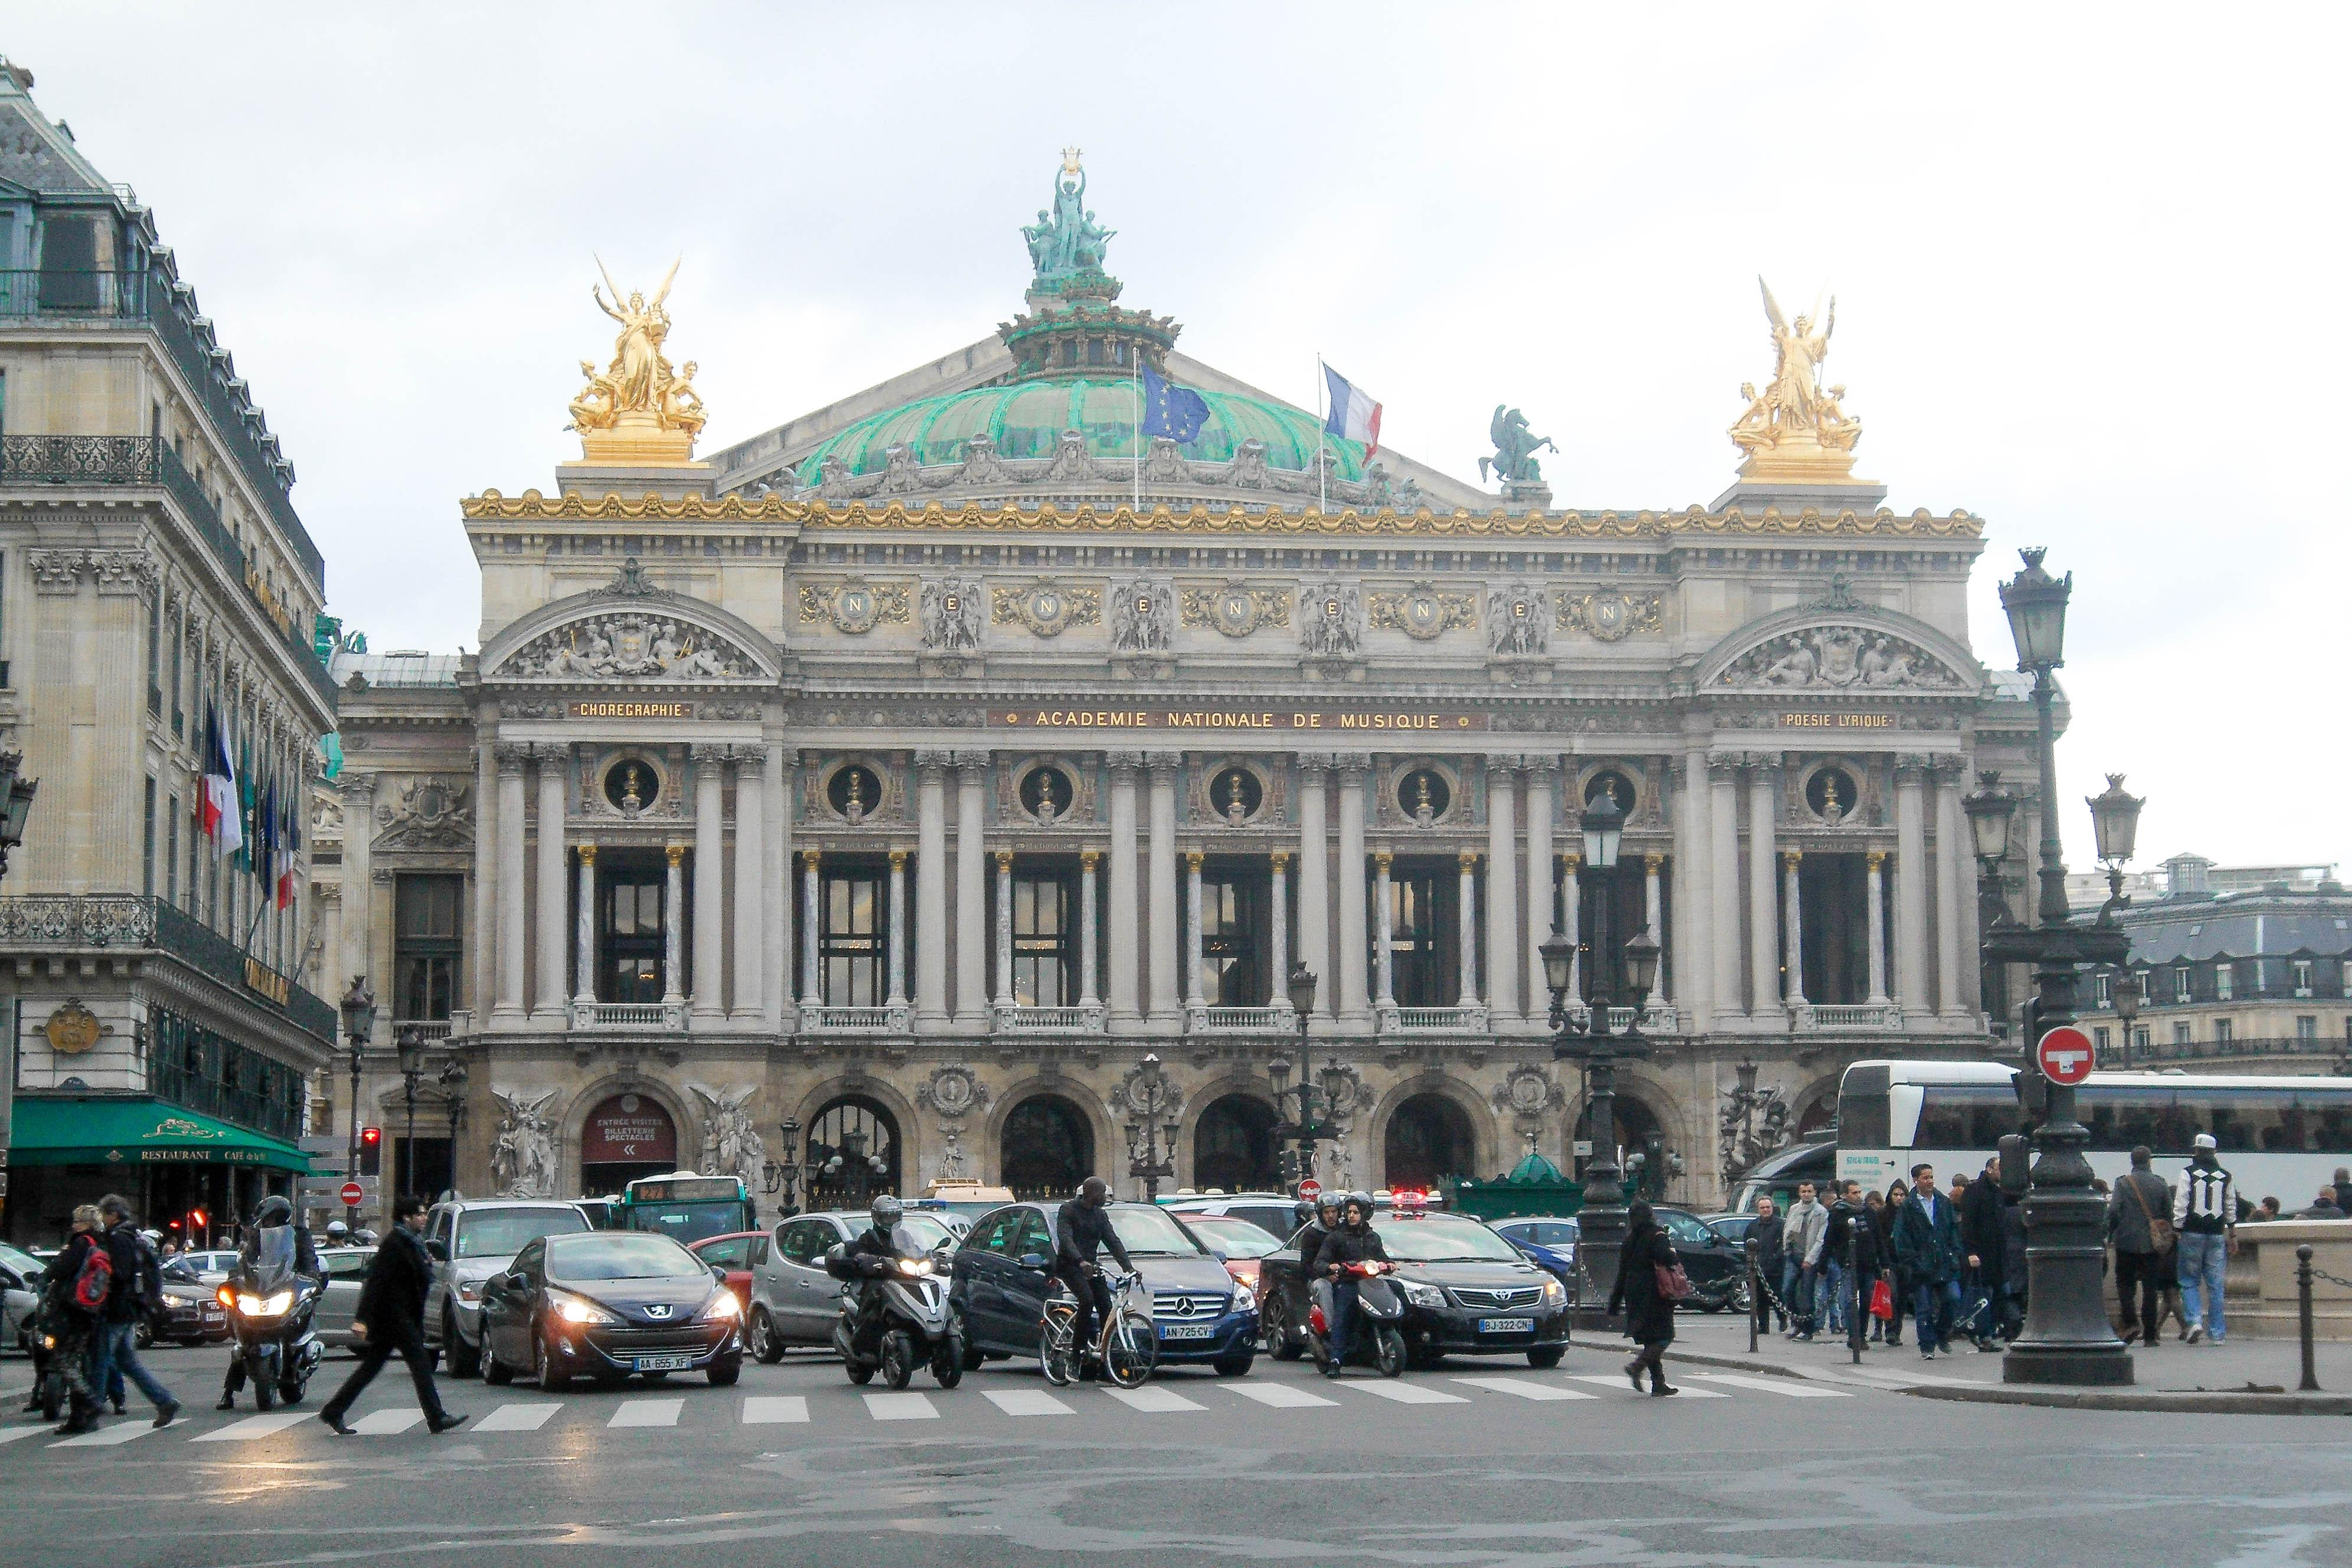 paris-city-guide-visiter-paris-balade-à-paris-journée-à-paris_-11